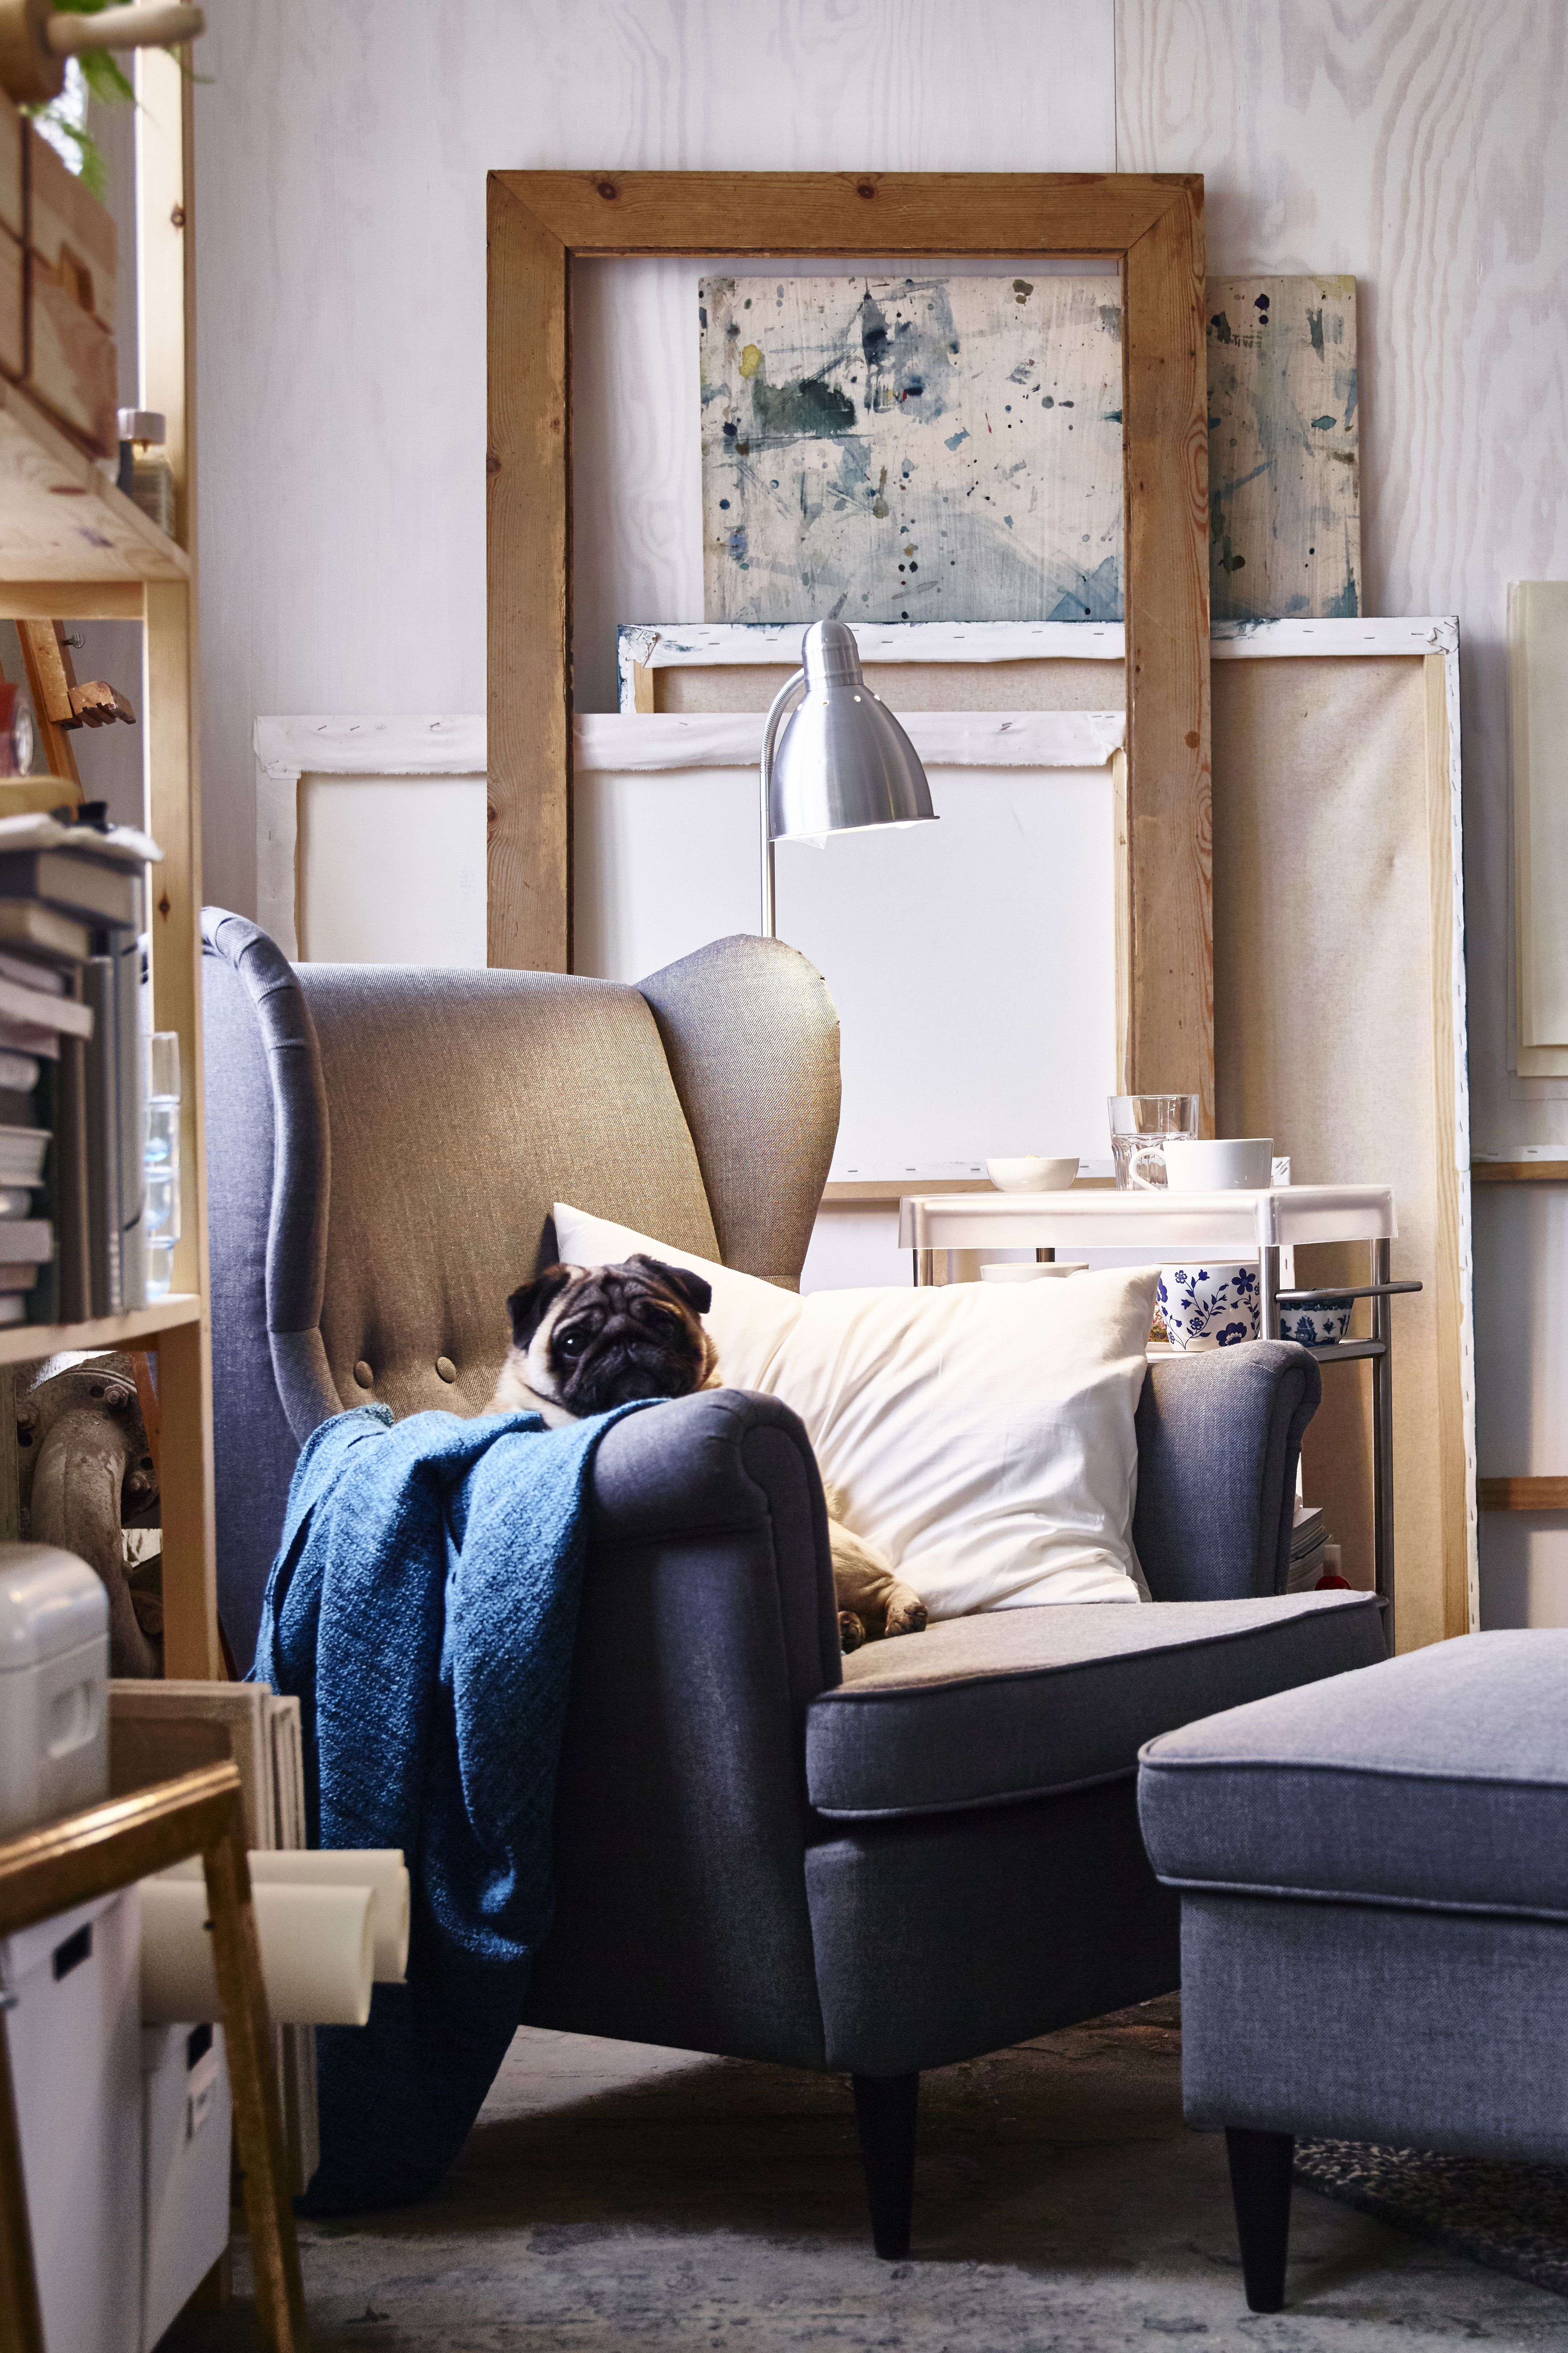 Möbel & Einrichtungsideen für dein Zuhause | Ikea zuhause